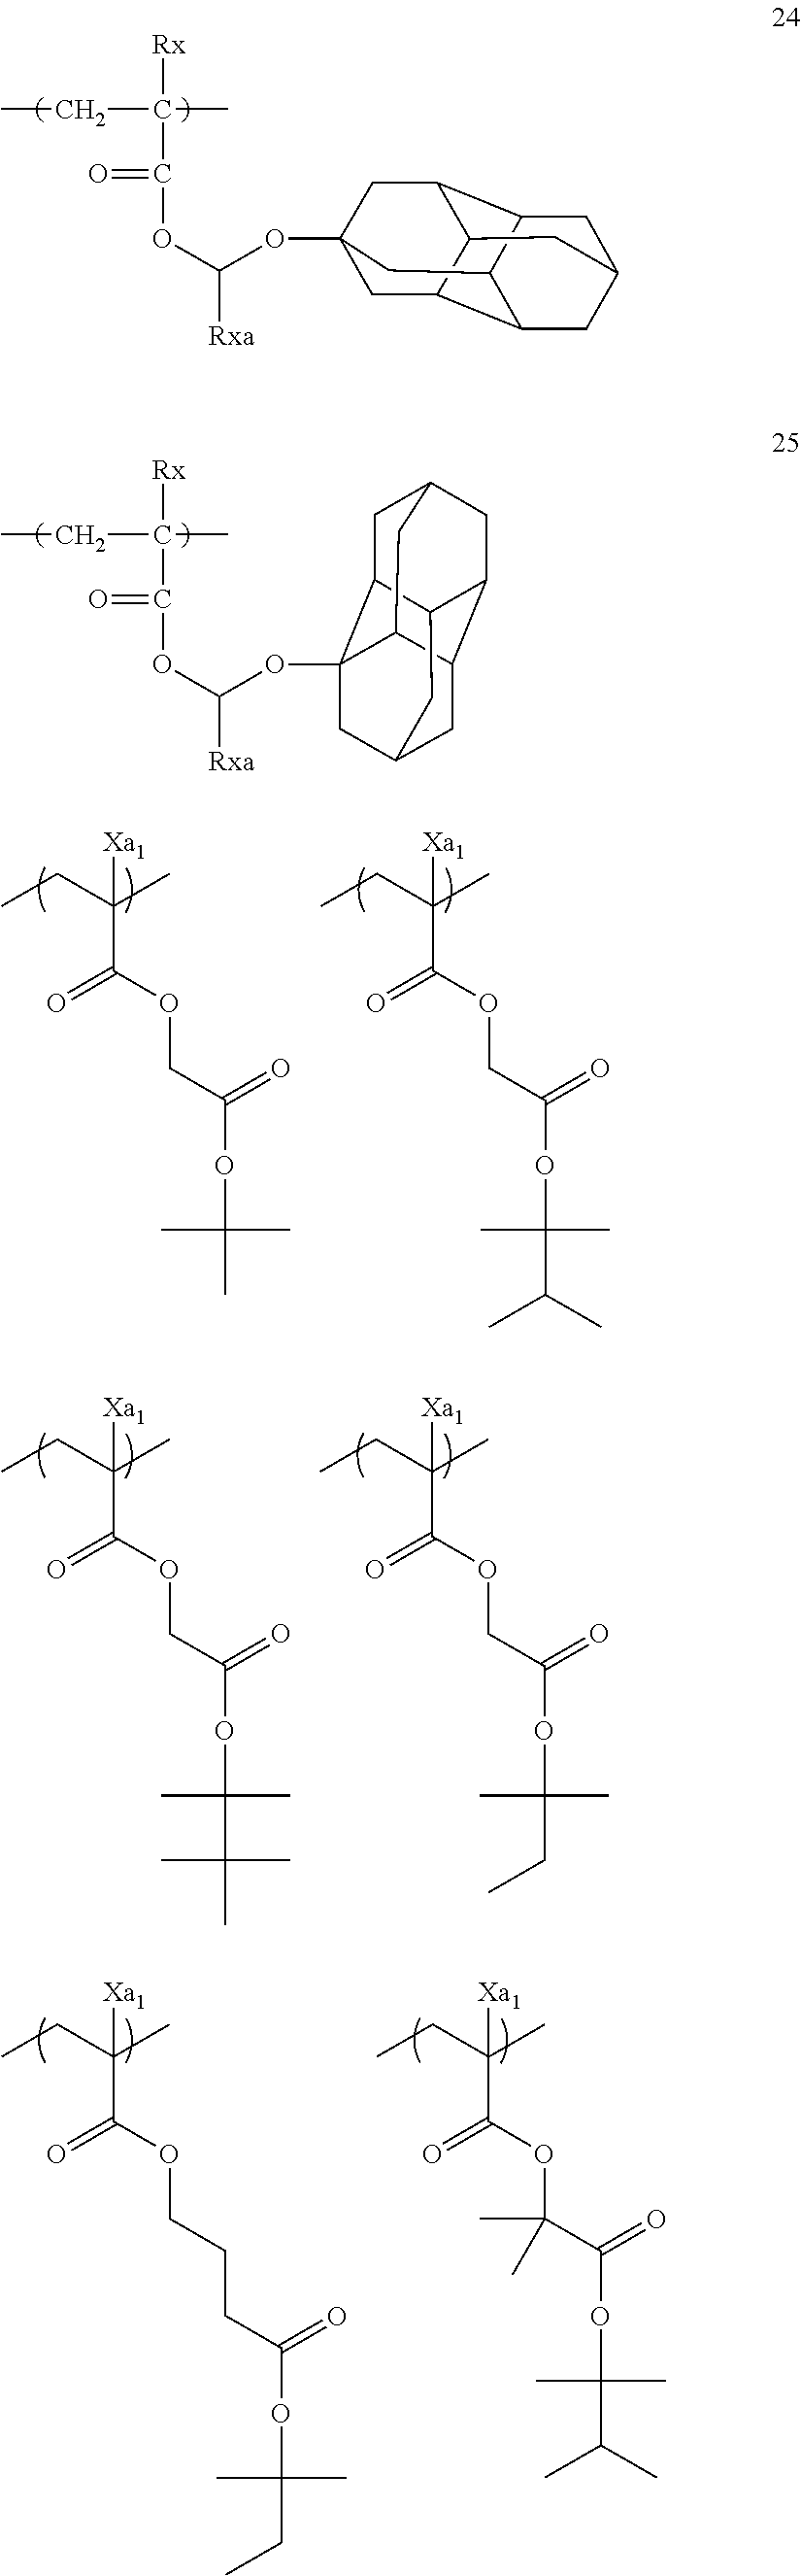 Figure US20110183258A1-20110728-C00034